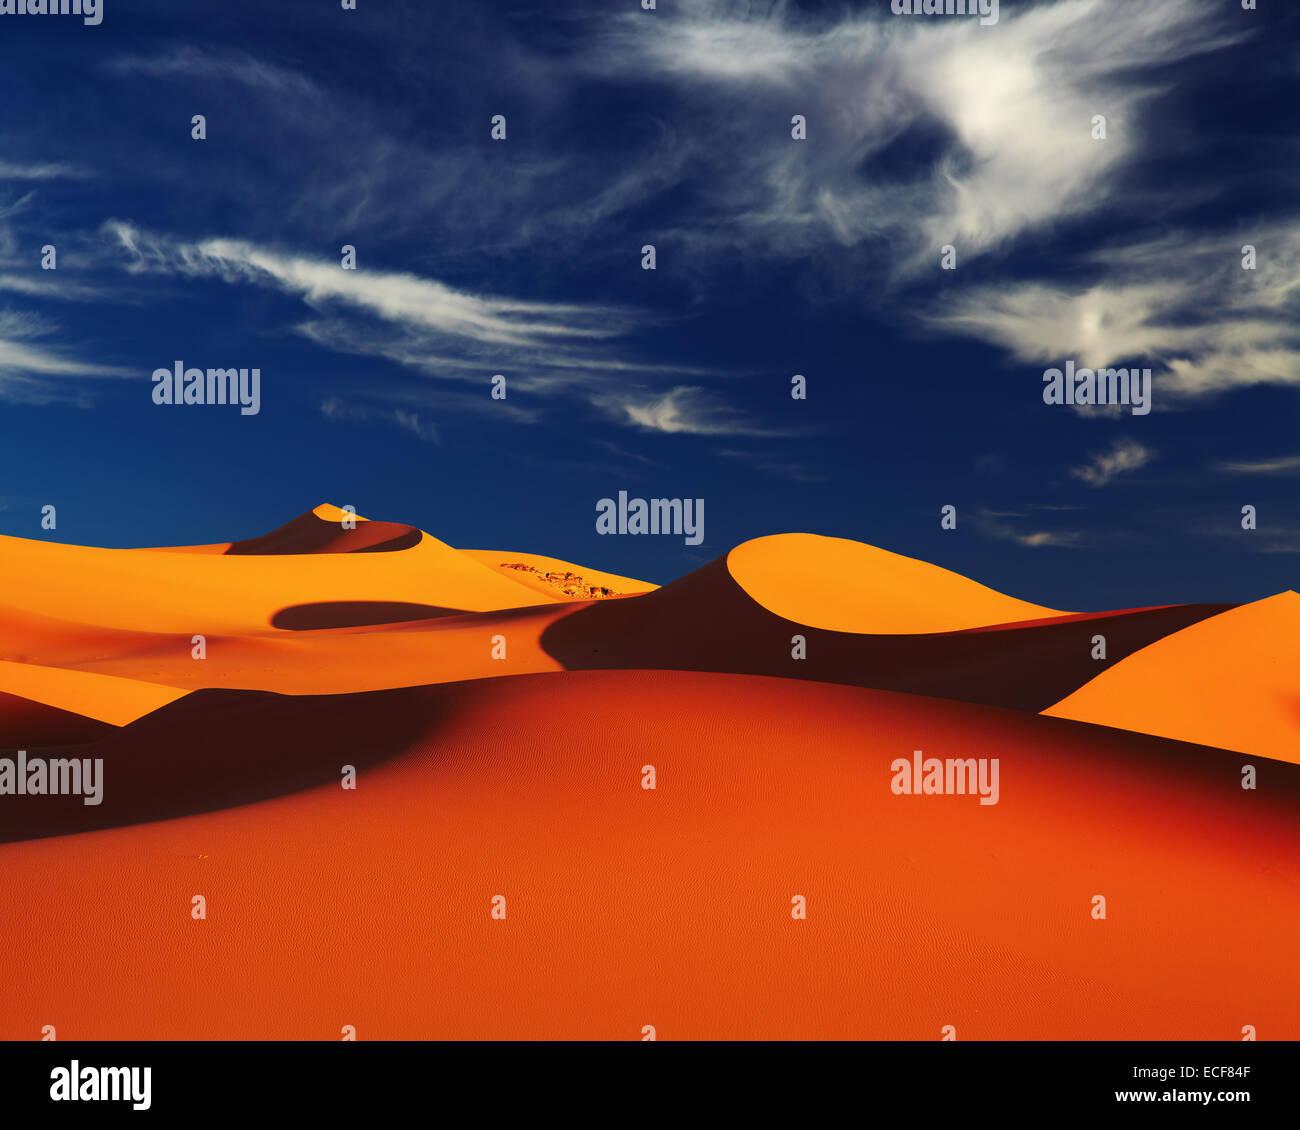 Sand dune in Sahara Desert at sunset, Tadrart, Algeria - Stock Image